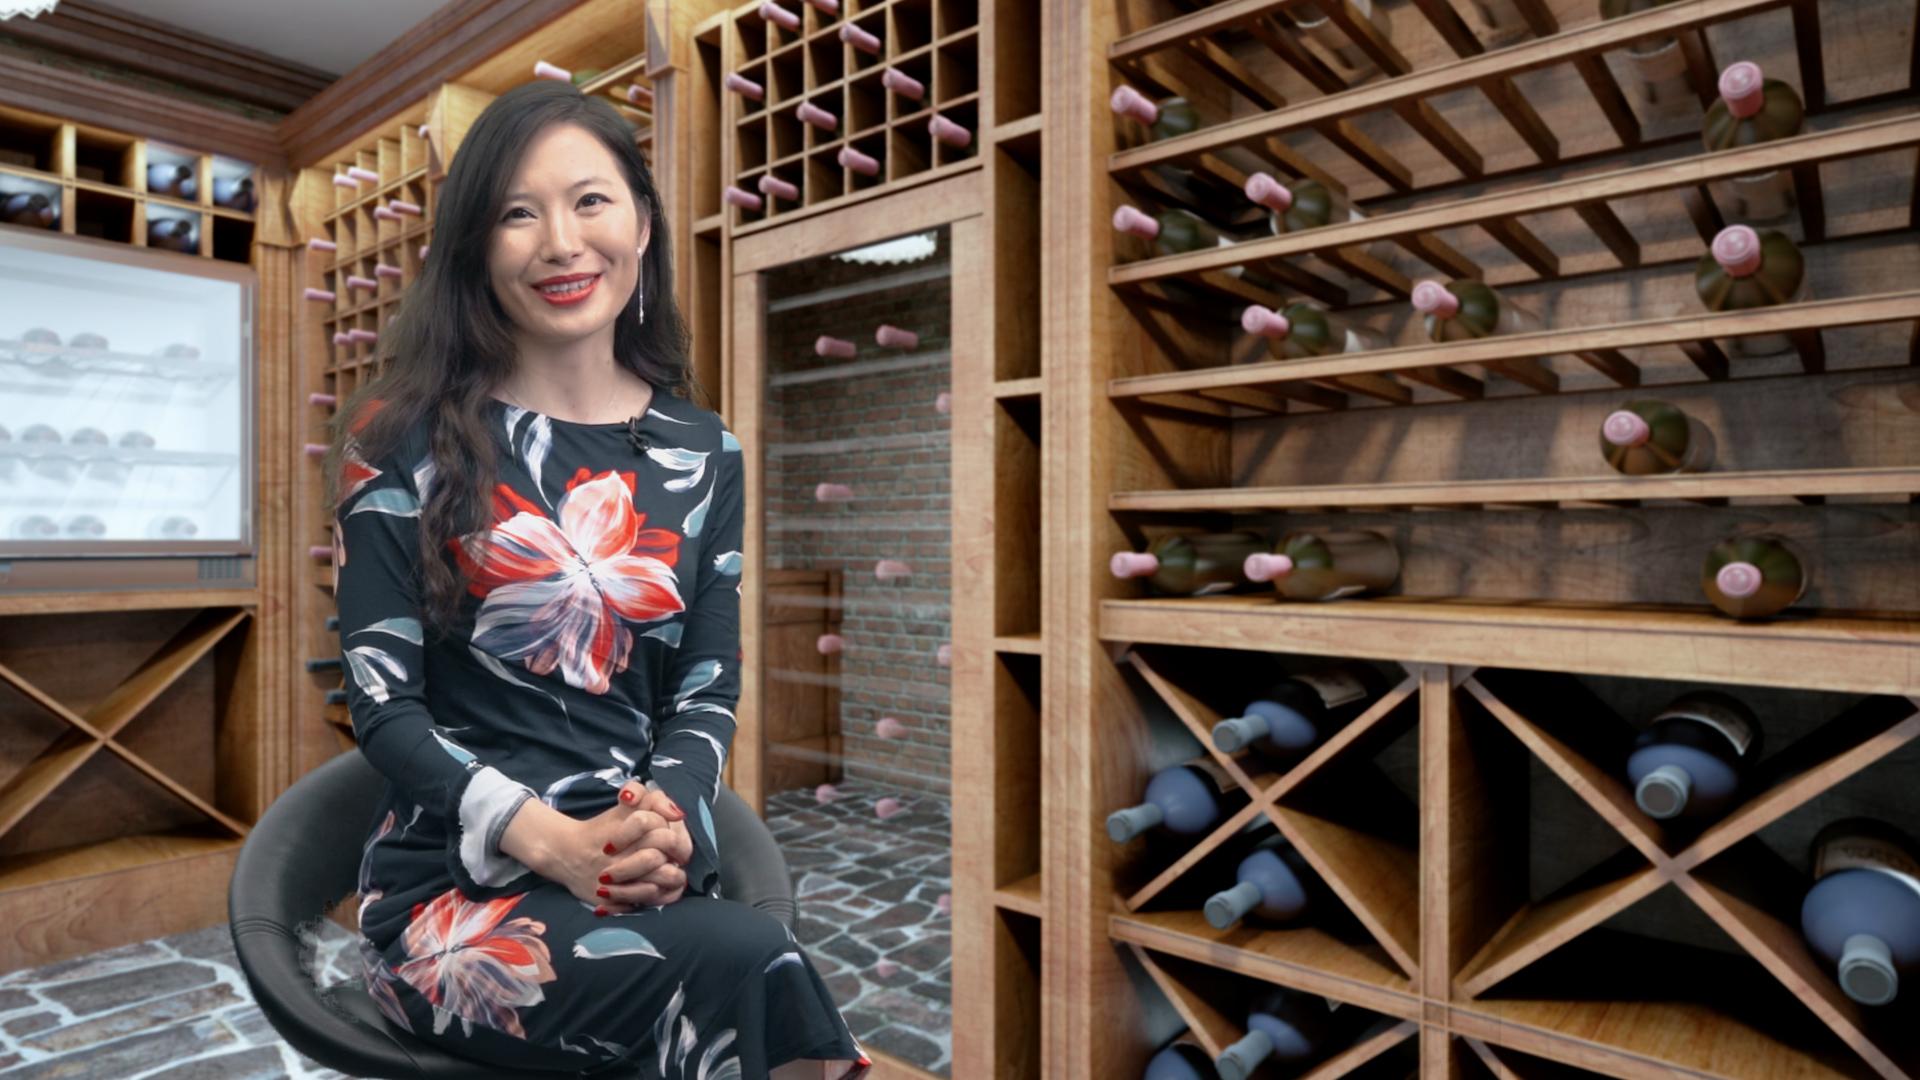 【Deluxe】Stacey的葡萄酒世界-葡萄酒與食物搭配有原則 酒體輕盈或豐腴如何配餐